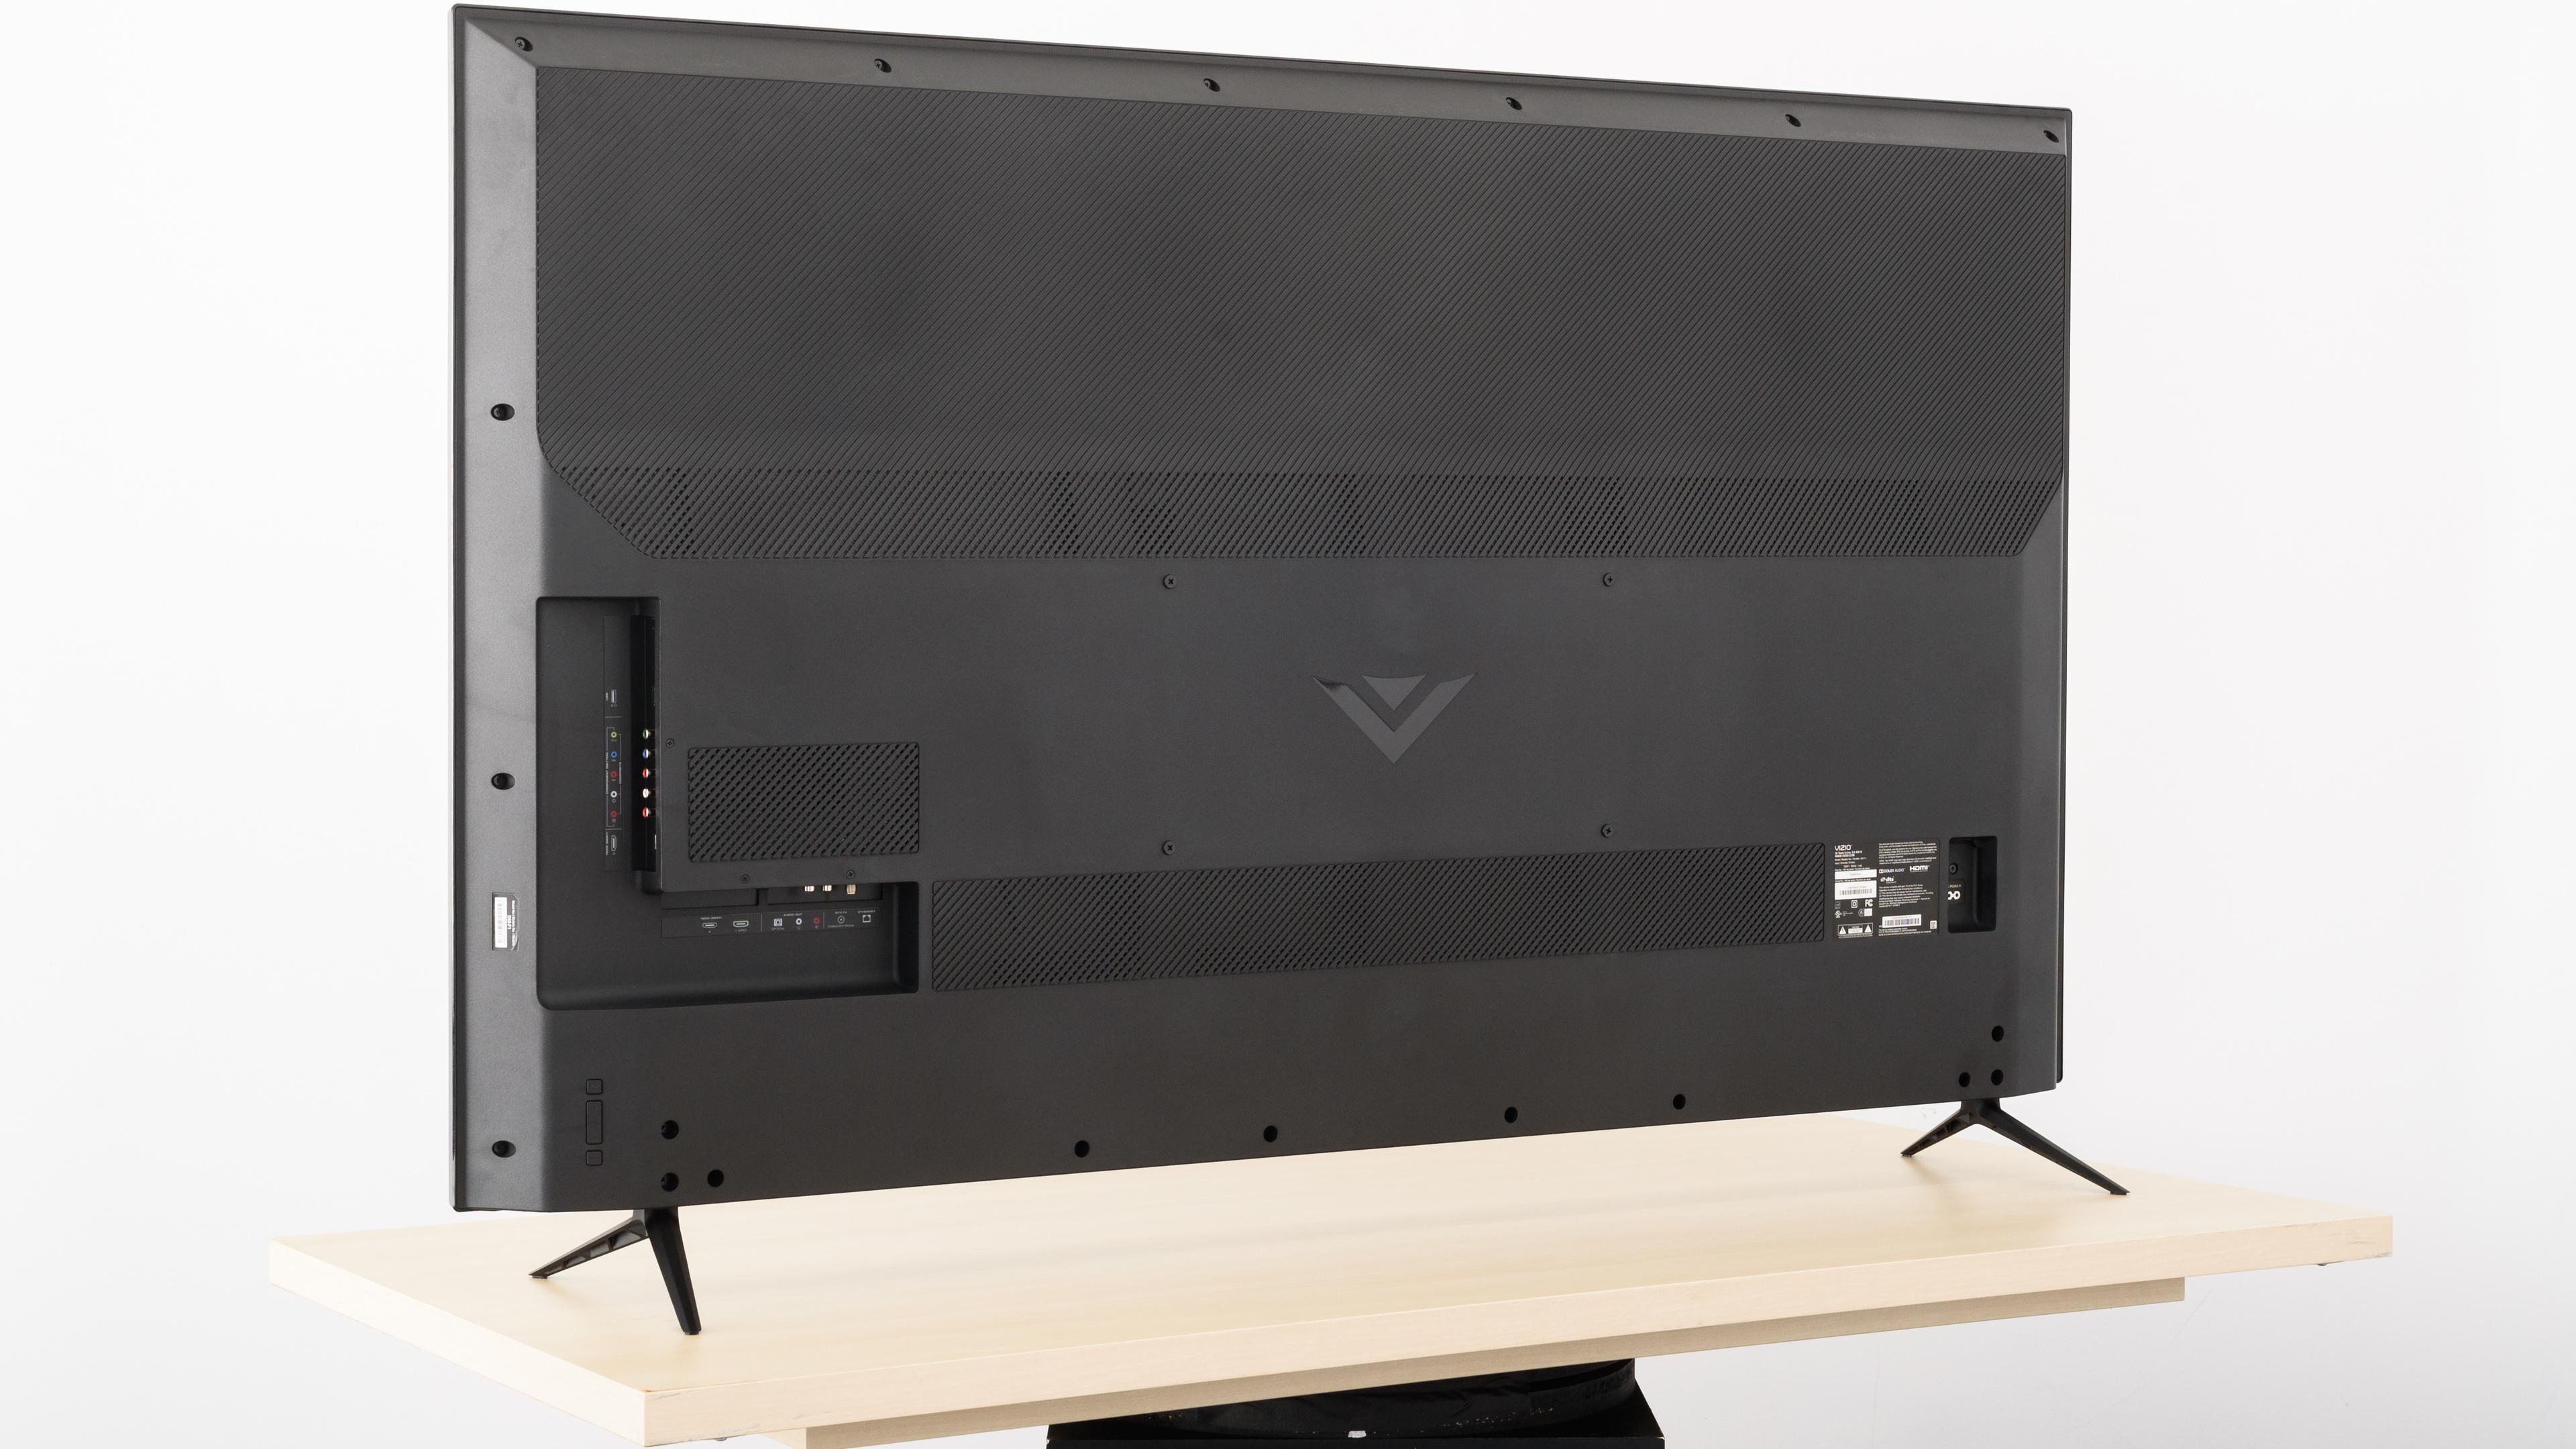 Vizio D Series 4k 2018 Review D43 F1 D55 F2 D60 F3 D65 F1 D70